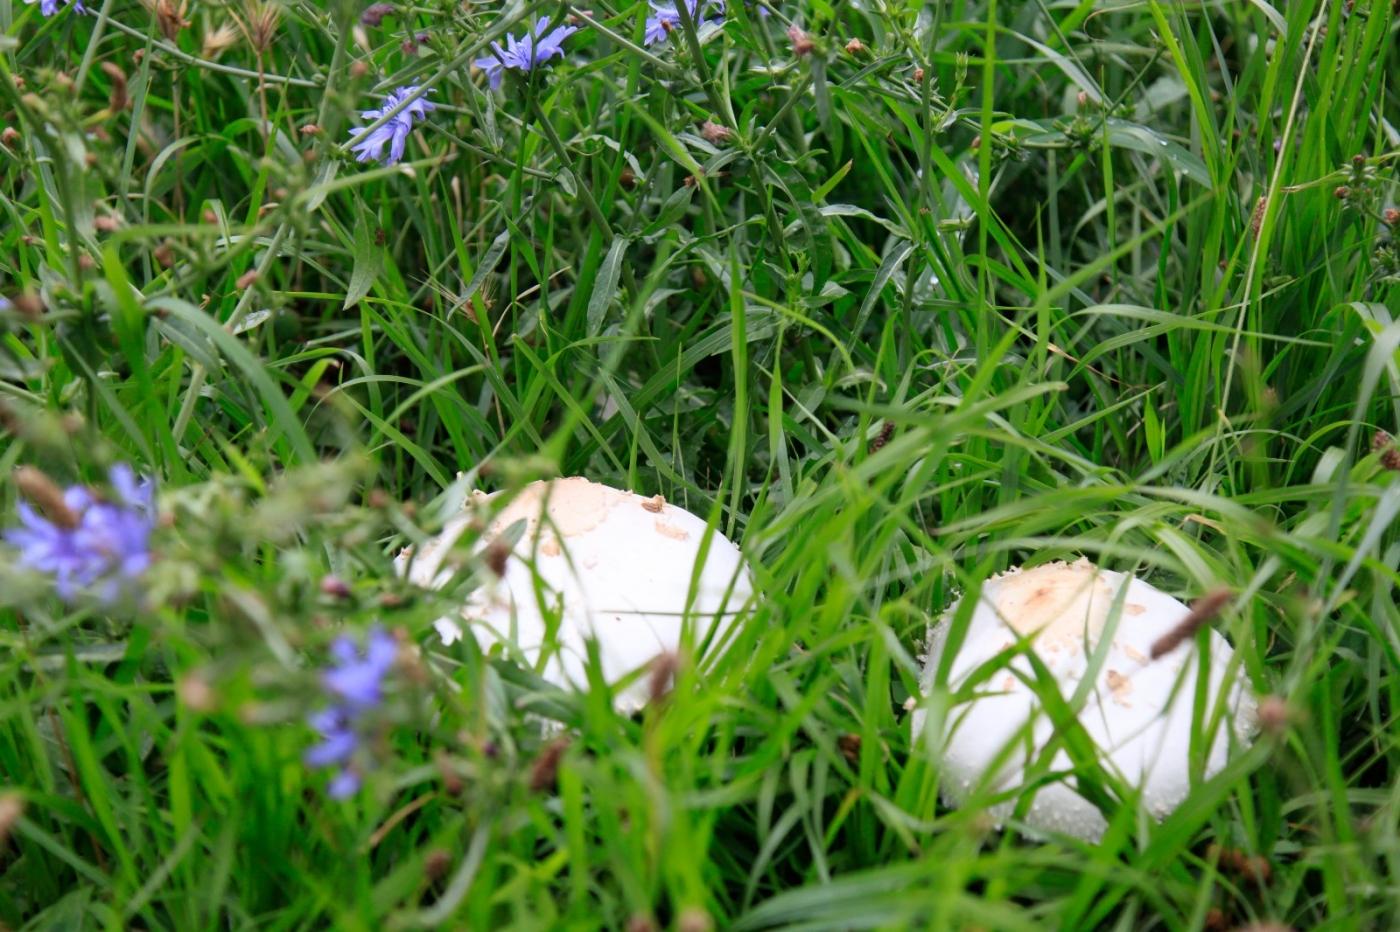 几场大雨后,法拉盛市政厅前的公园内长出了很大的野蘑菇! ..._图1-2